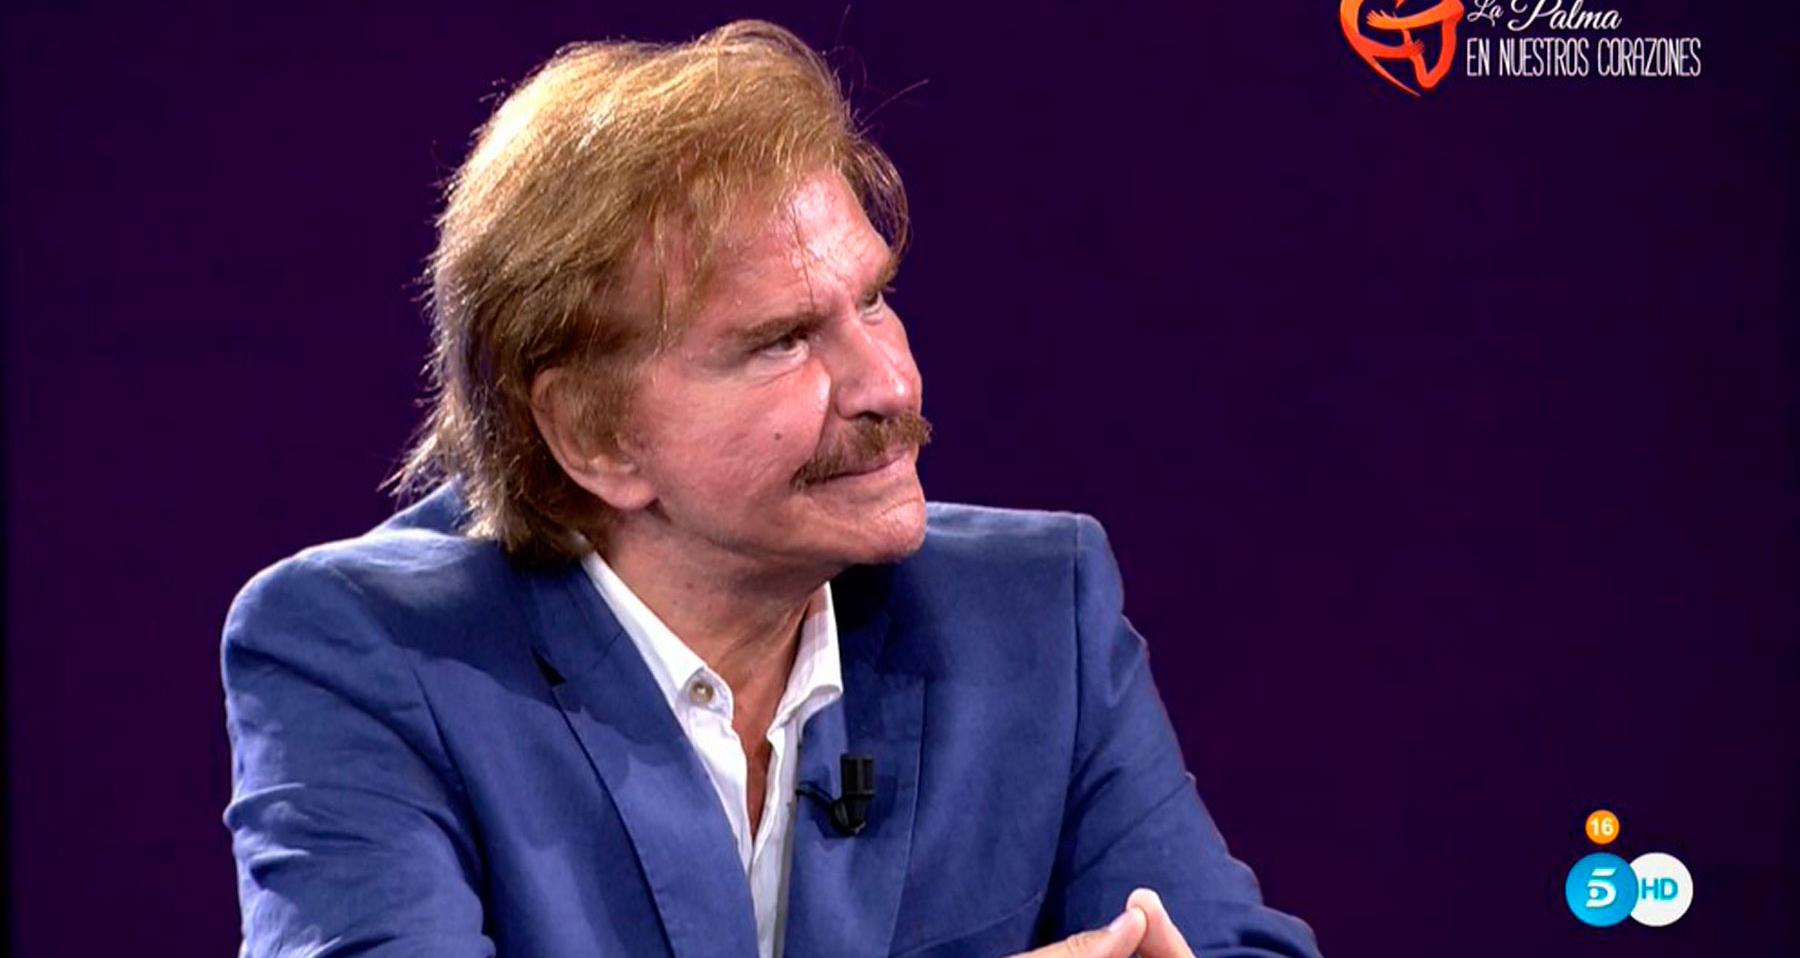 Edmundo, expulsat de 'Secret Story' - Telecinco